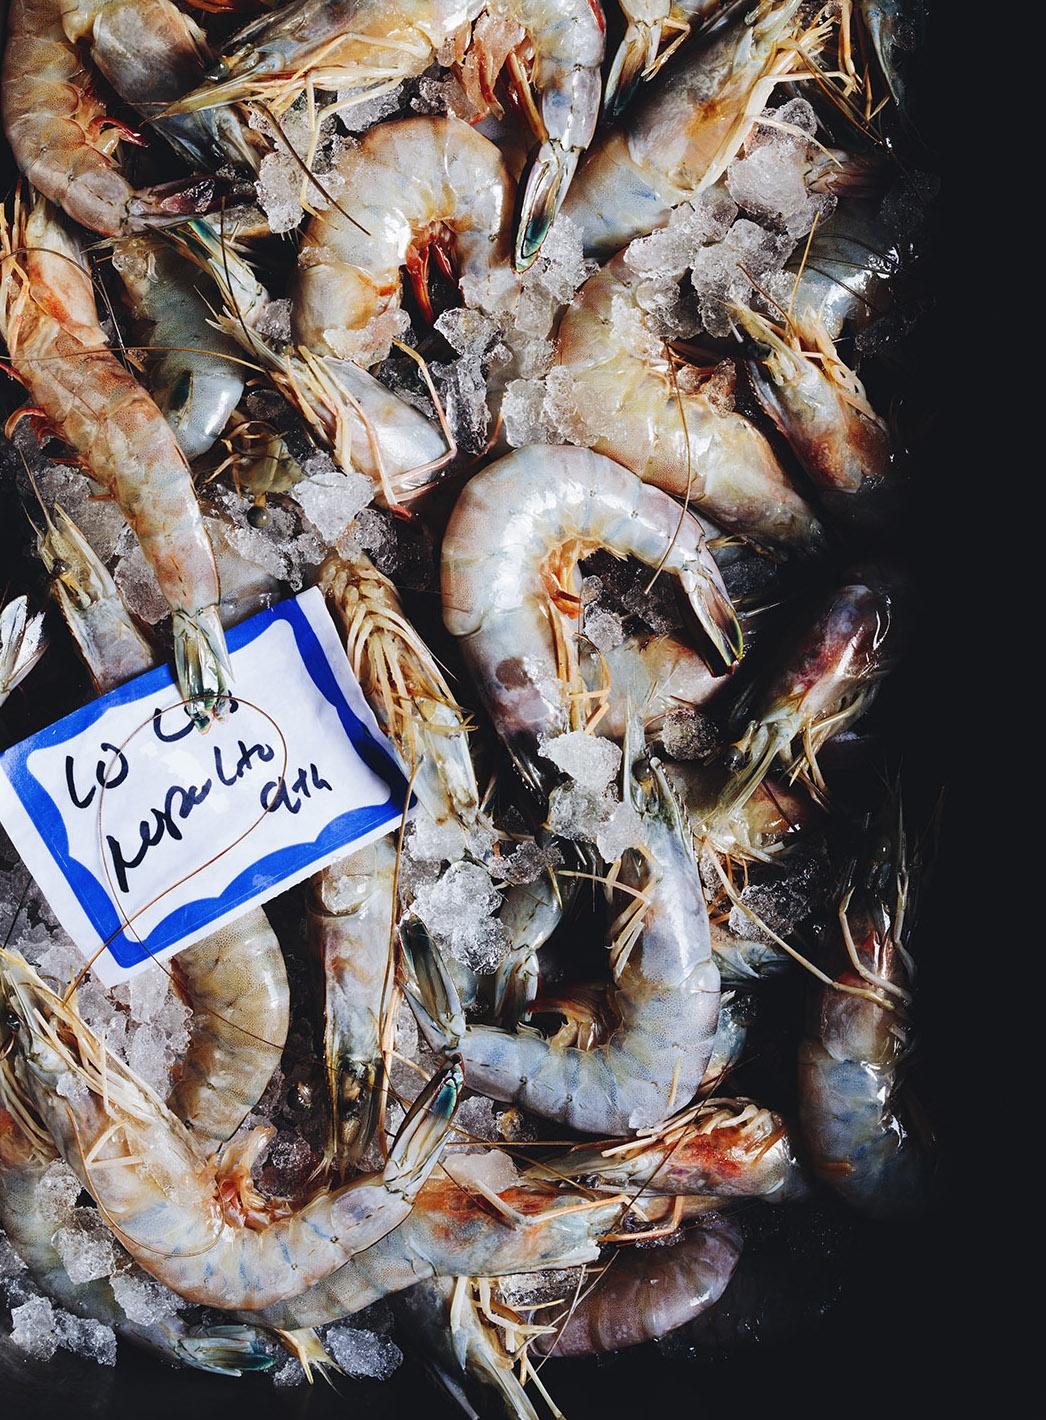 Nopa_Shrimp_11206_V1_final.jpg